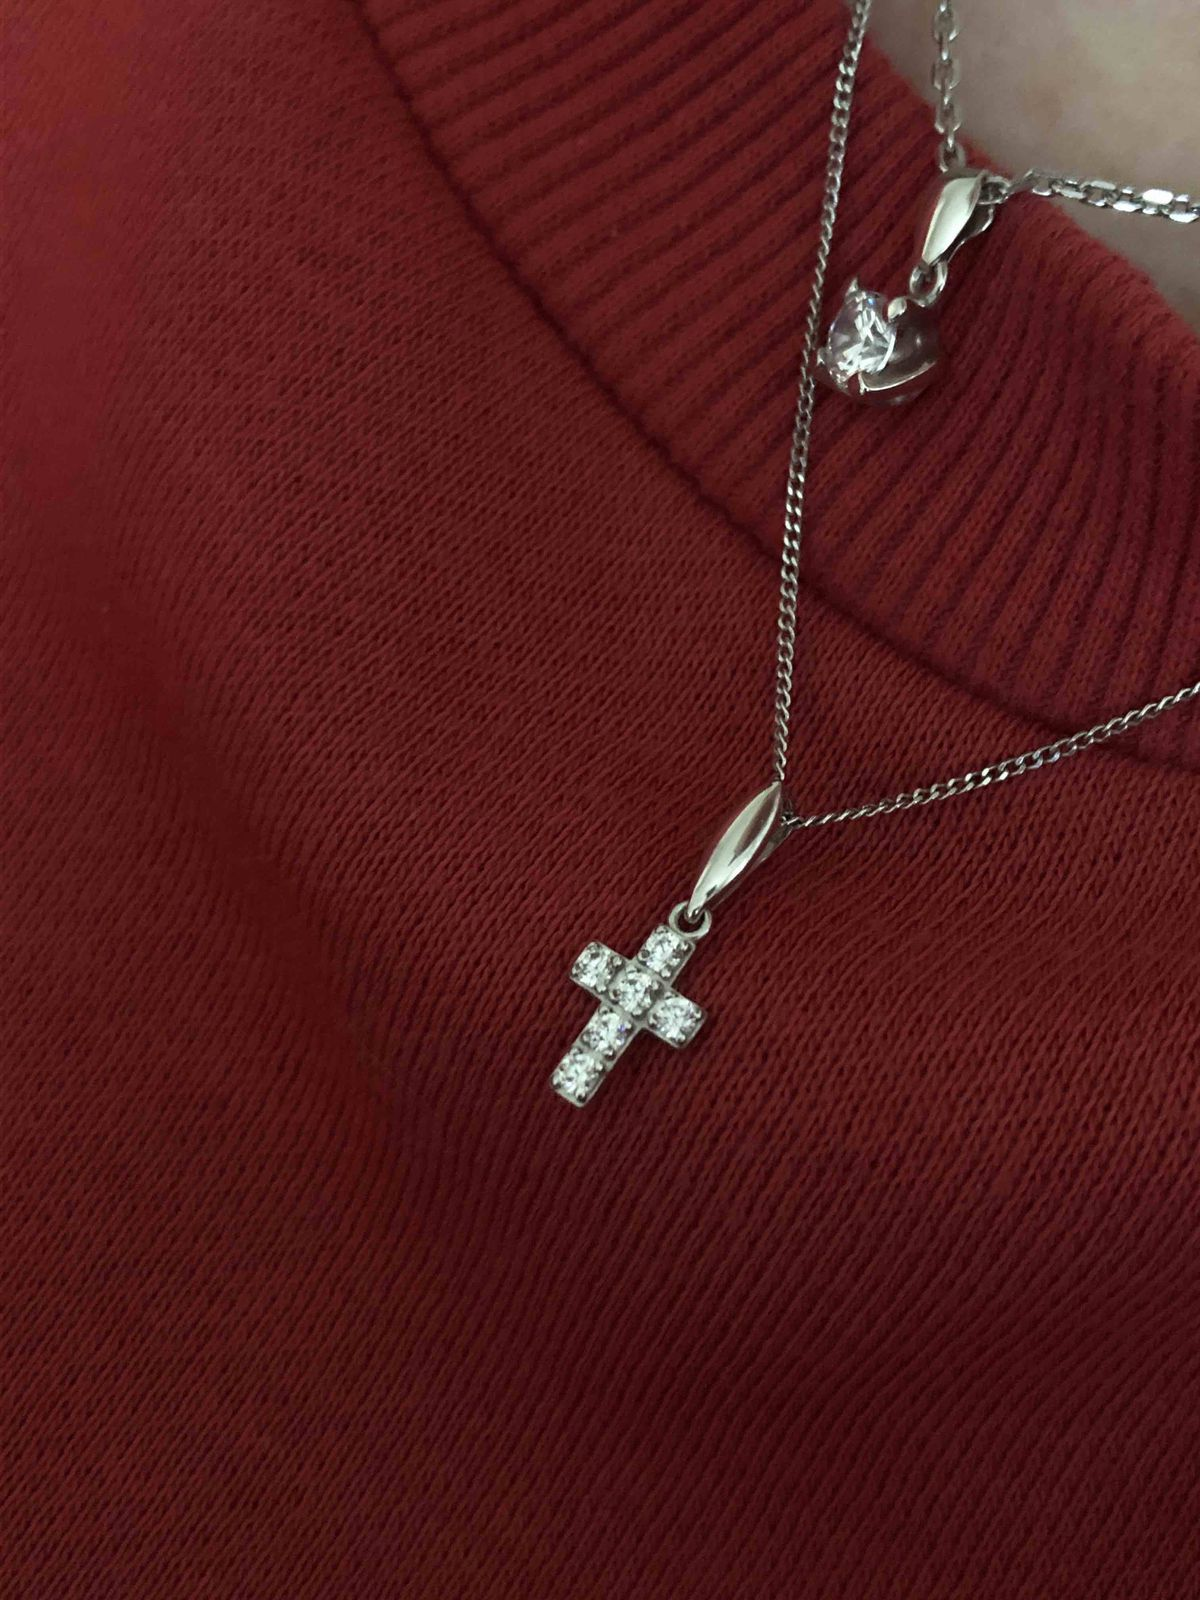 Очень красивый крестик!